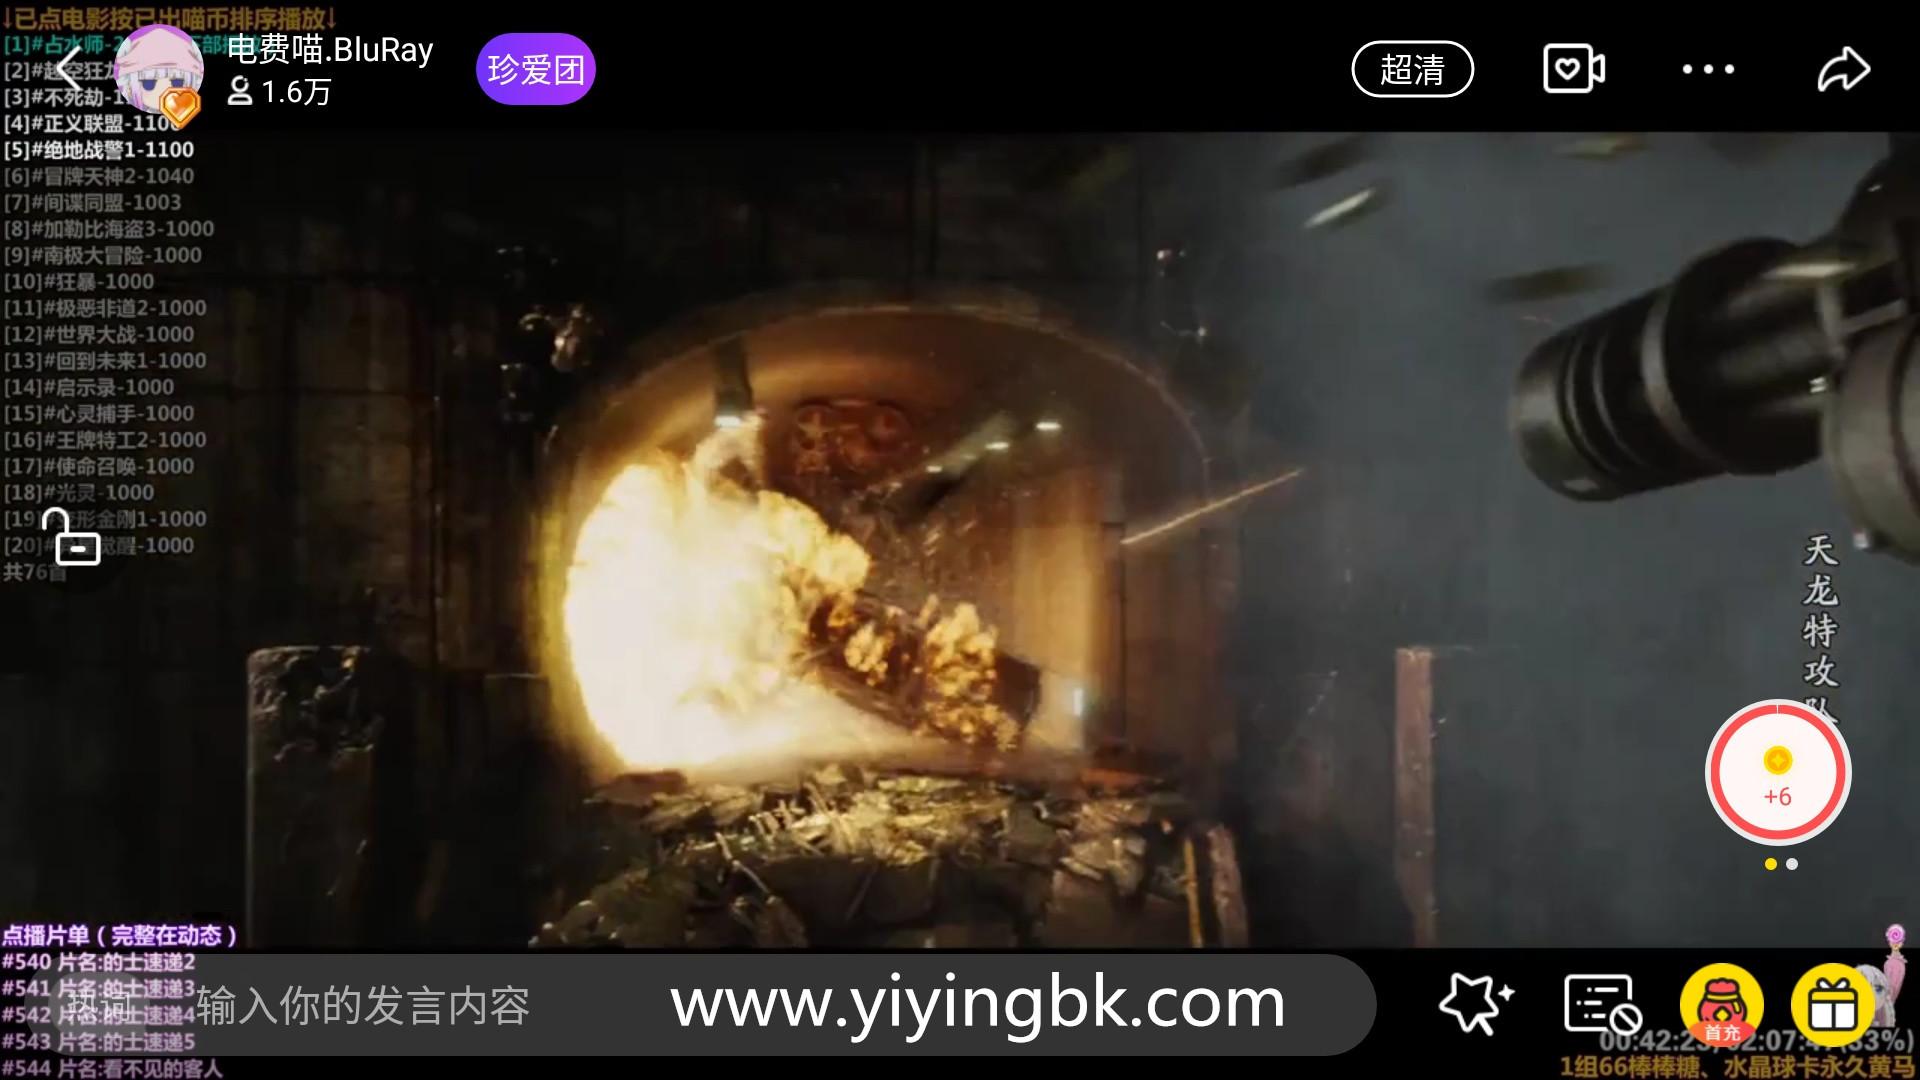 免费看电影领红包赚零花钱,www.yiyingbk.com